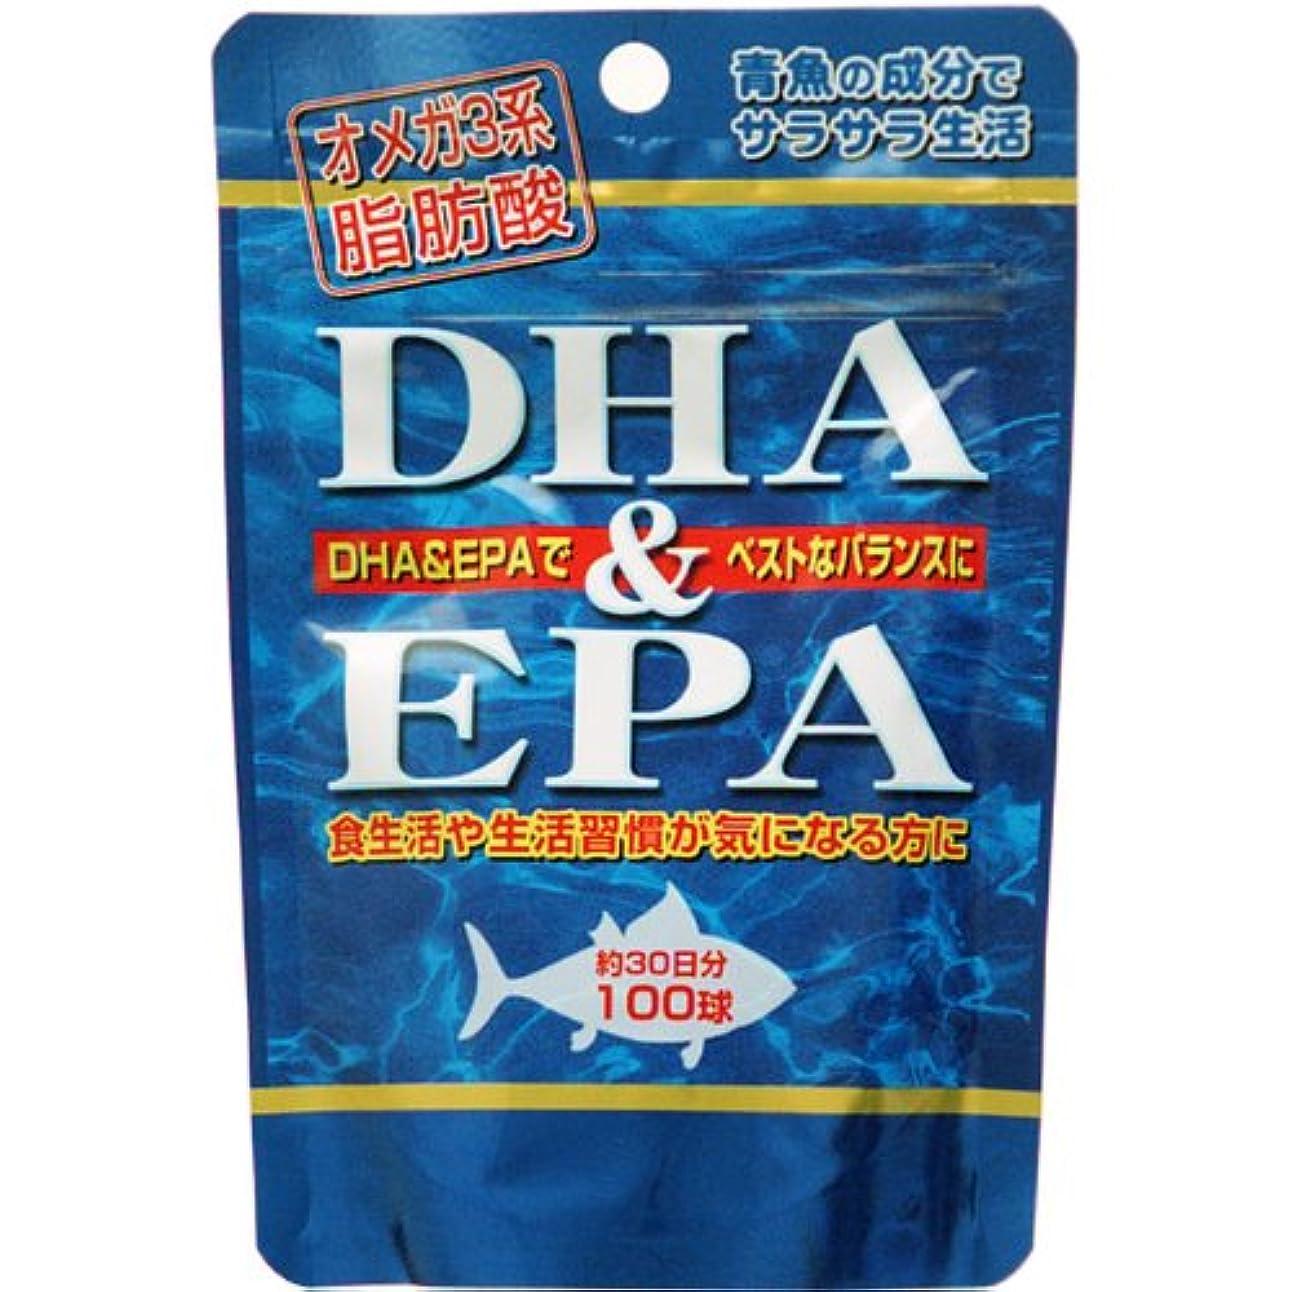 下着アクション改修するDHA(ドコサヘキサエン酸)&EPA(エイコサペンタエン酸)